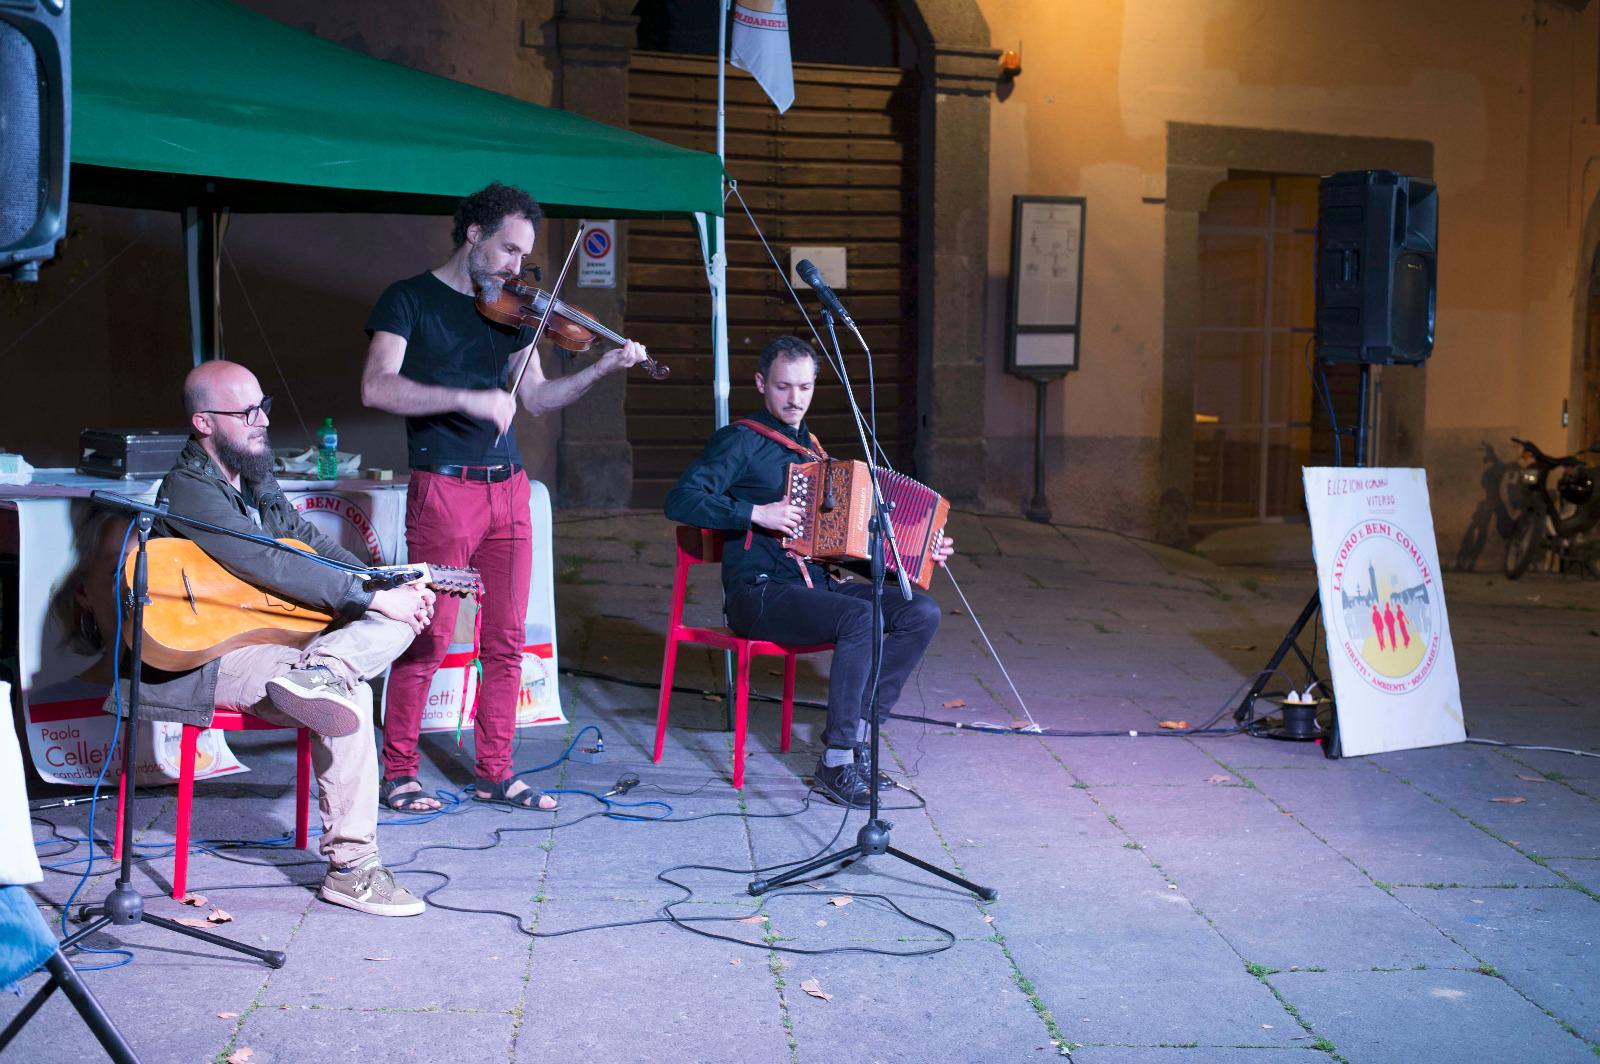 Comunali: serata di musica e cultura della Lista Lavoro e Beni Comuni a Piazza del Gesù